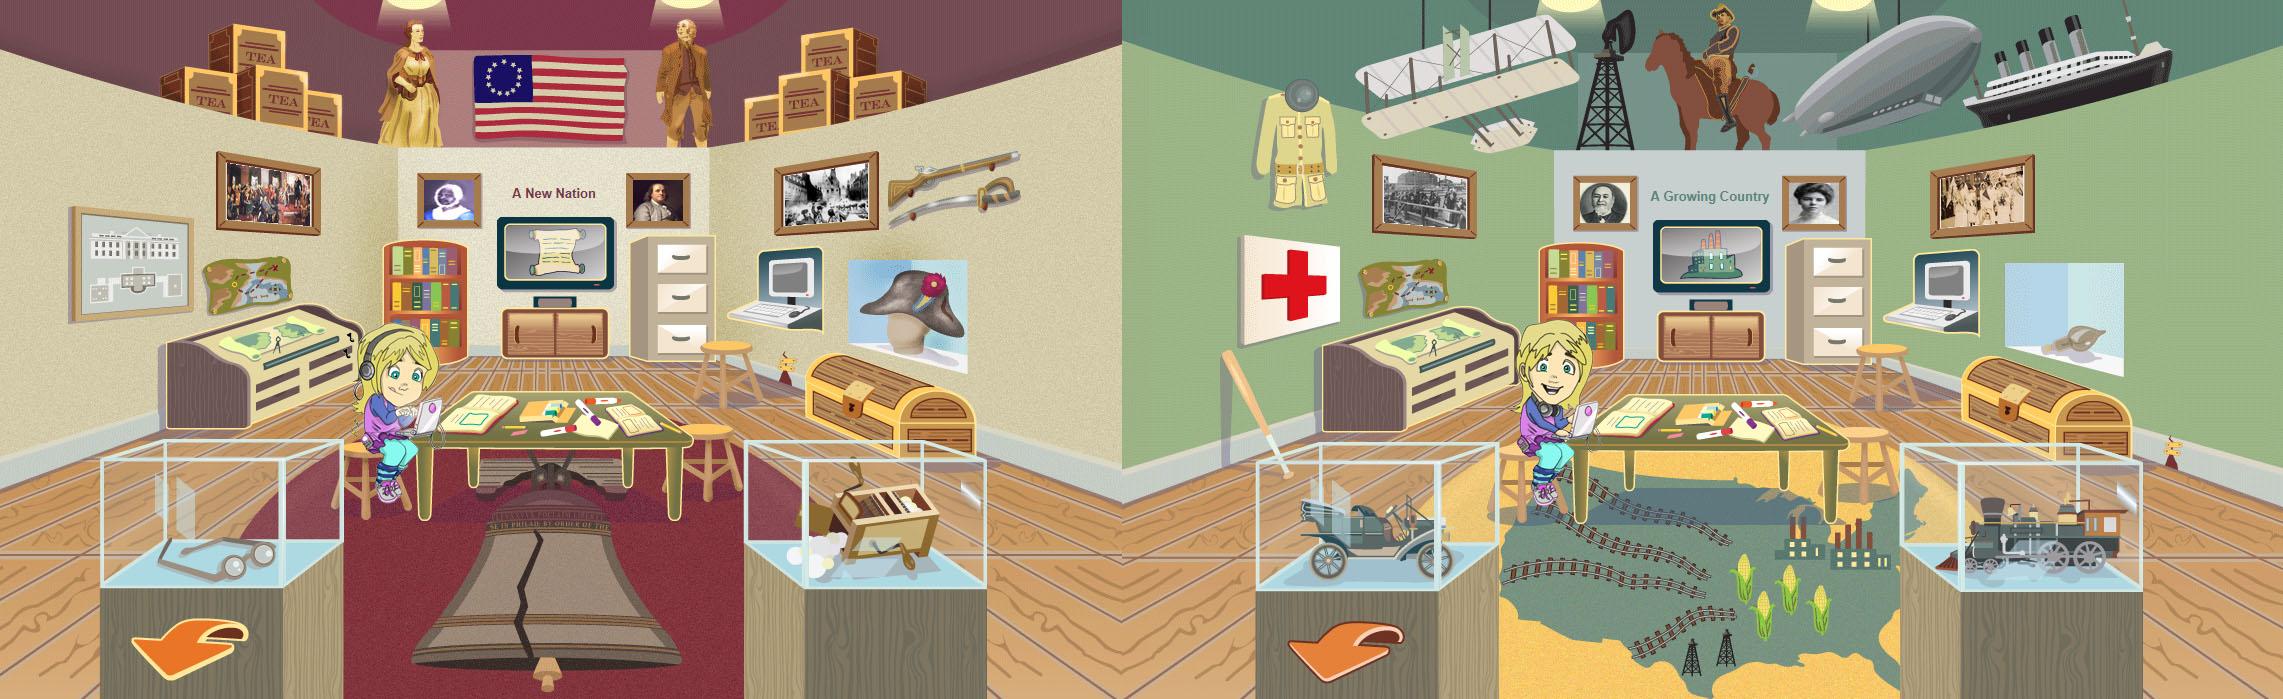 2 rooms comp 4